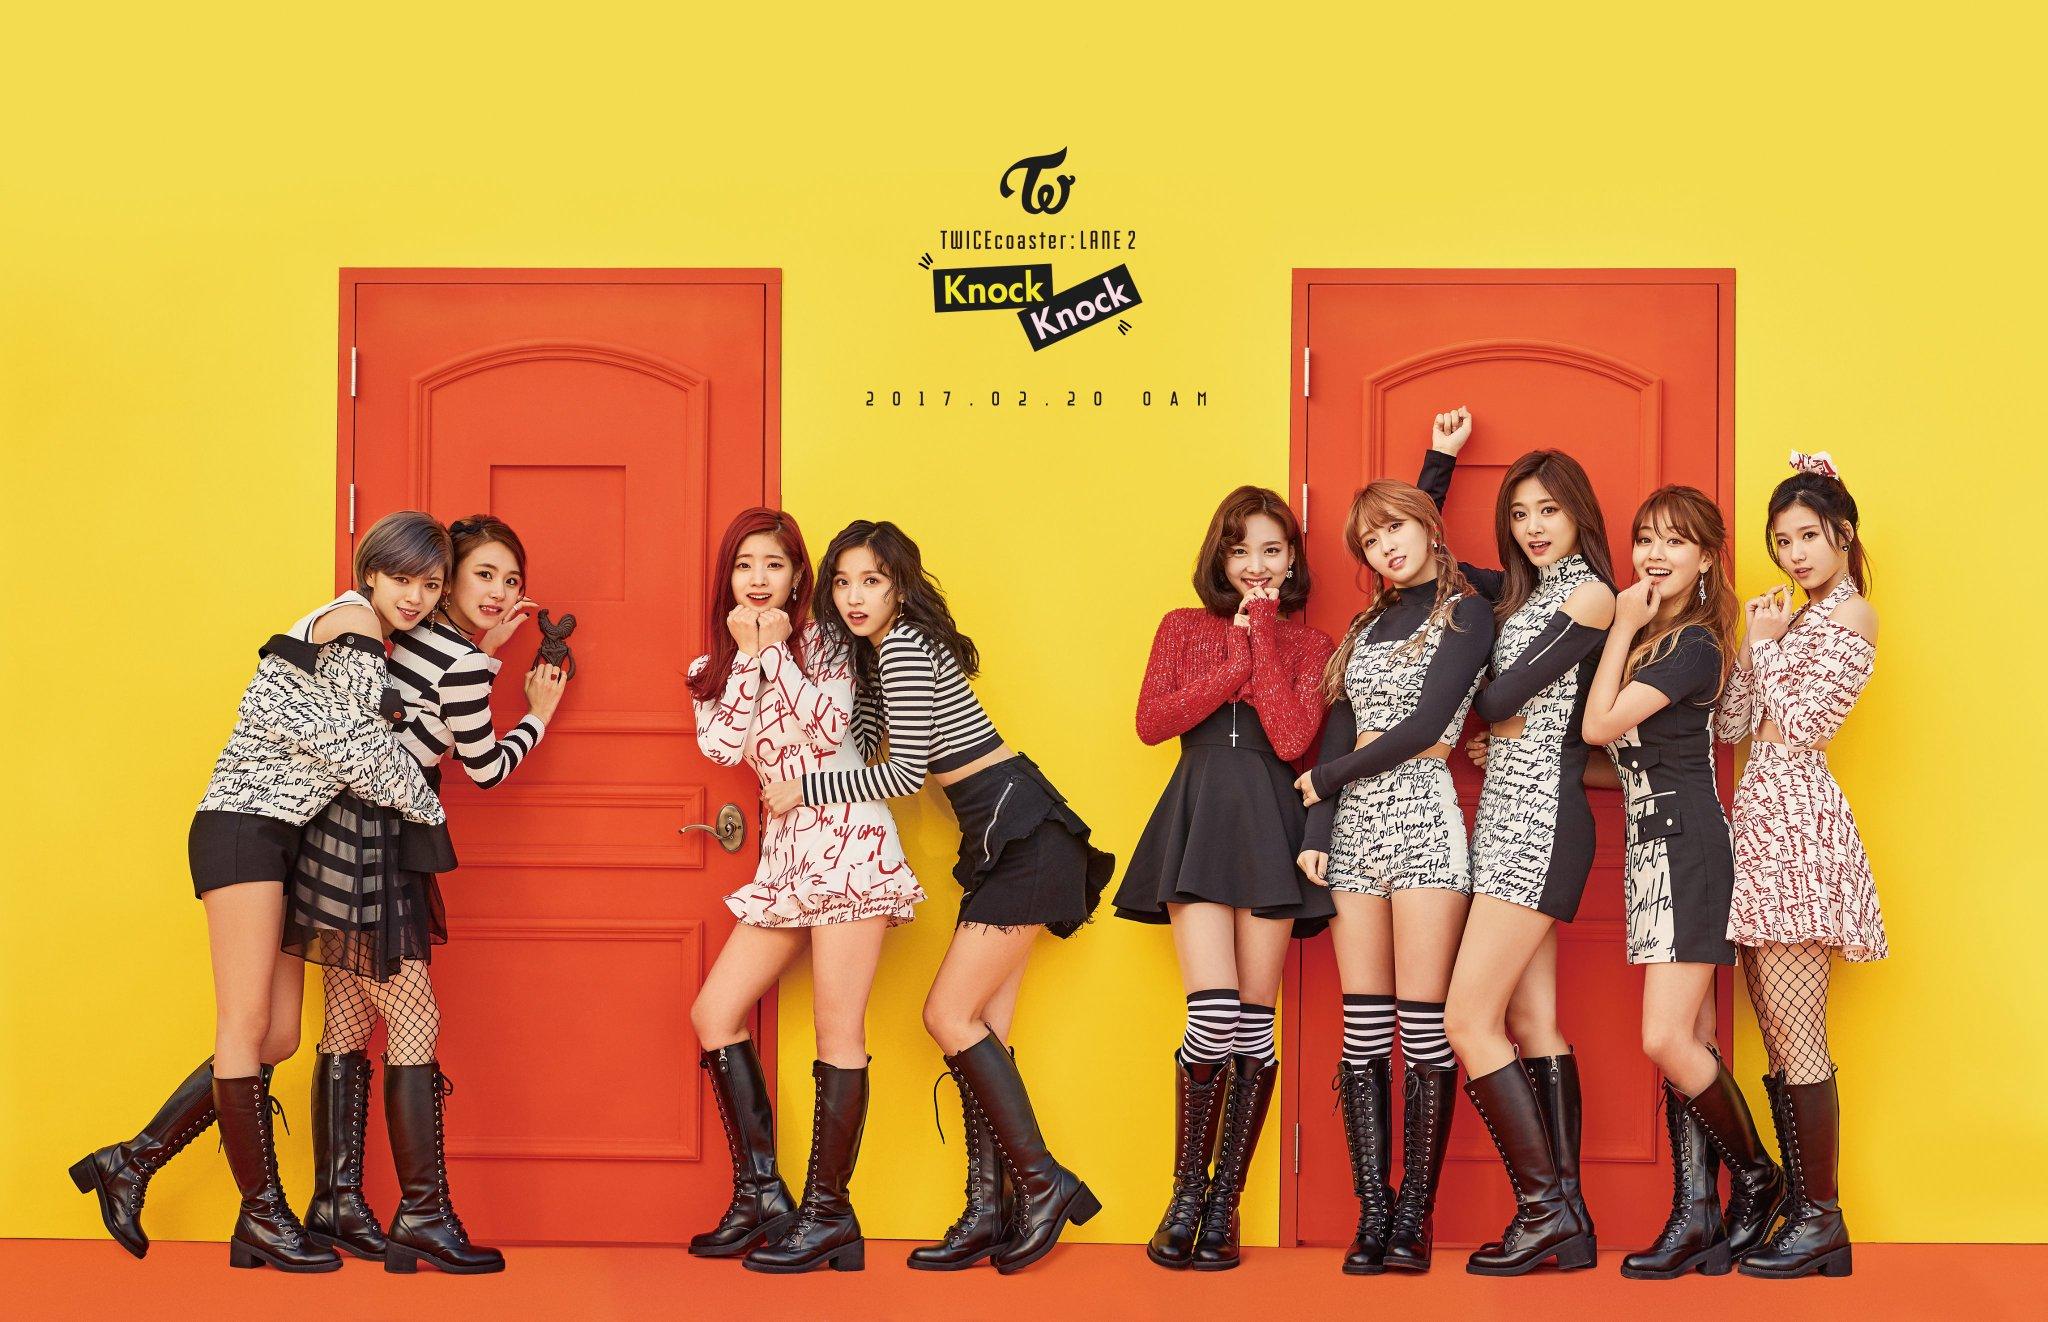 20일(월), 트와이스 새 앨범 발매 예정 | 인스티즈